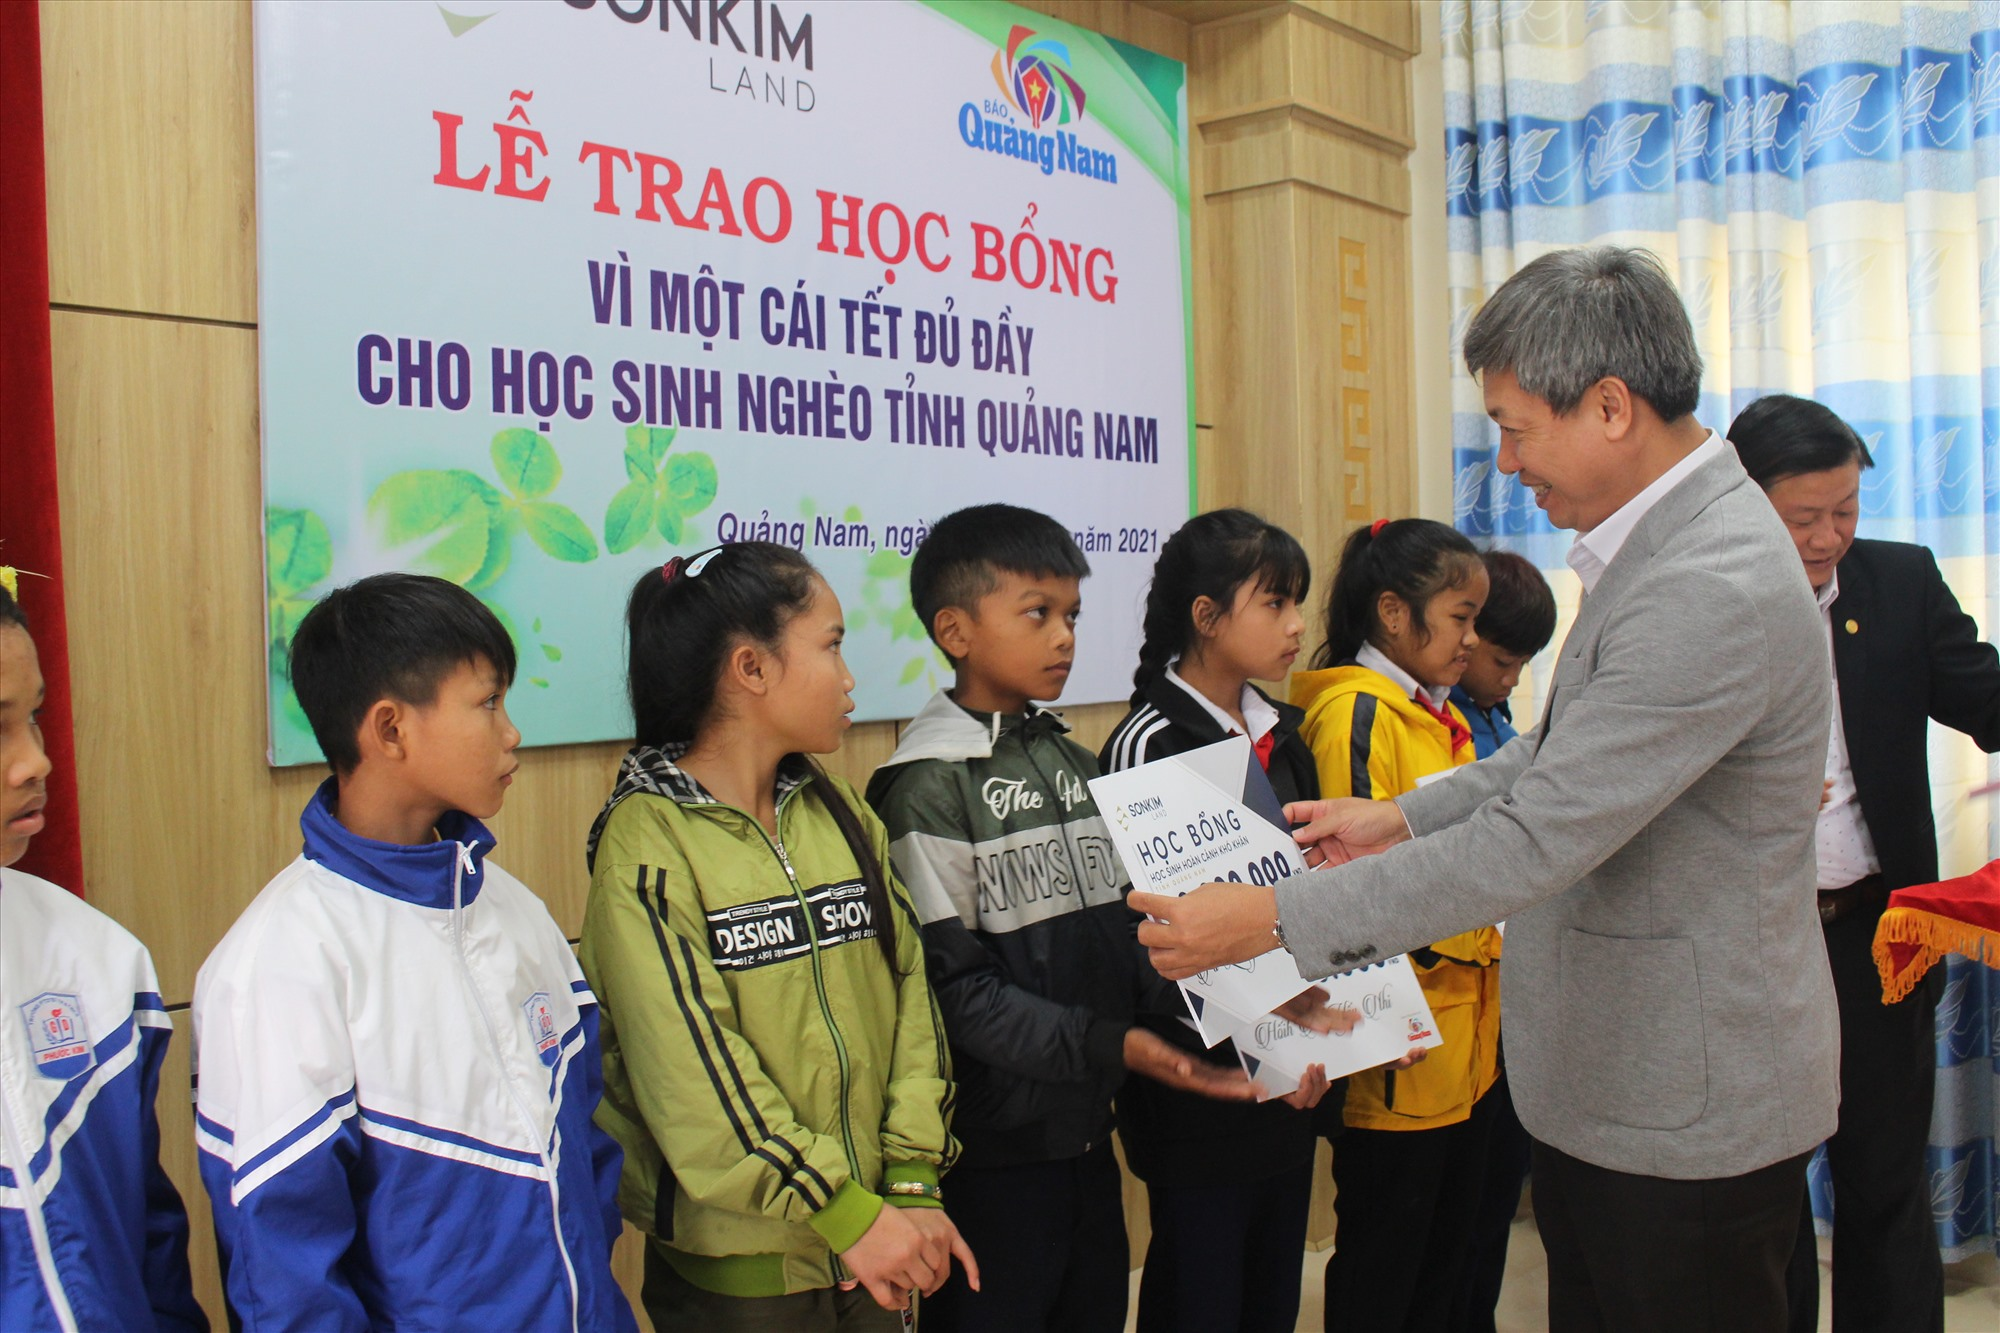 Phó Chủ tịch UBND tỉnh Hồ Quang Bửu trao học bổng cho các em học sinh. Ảnh: X.H